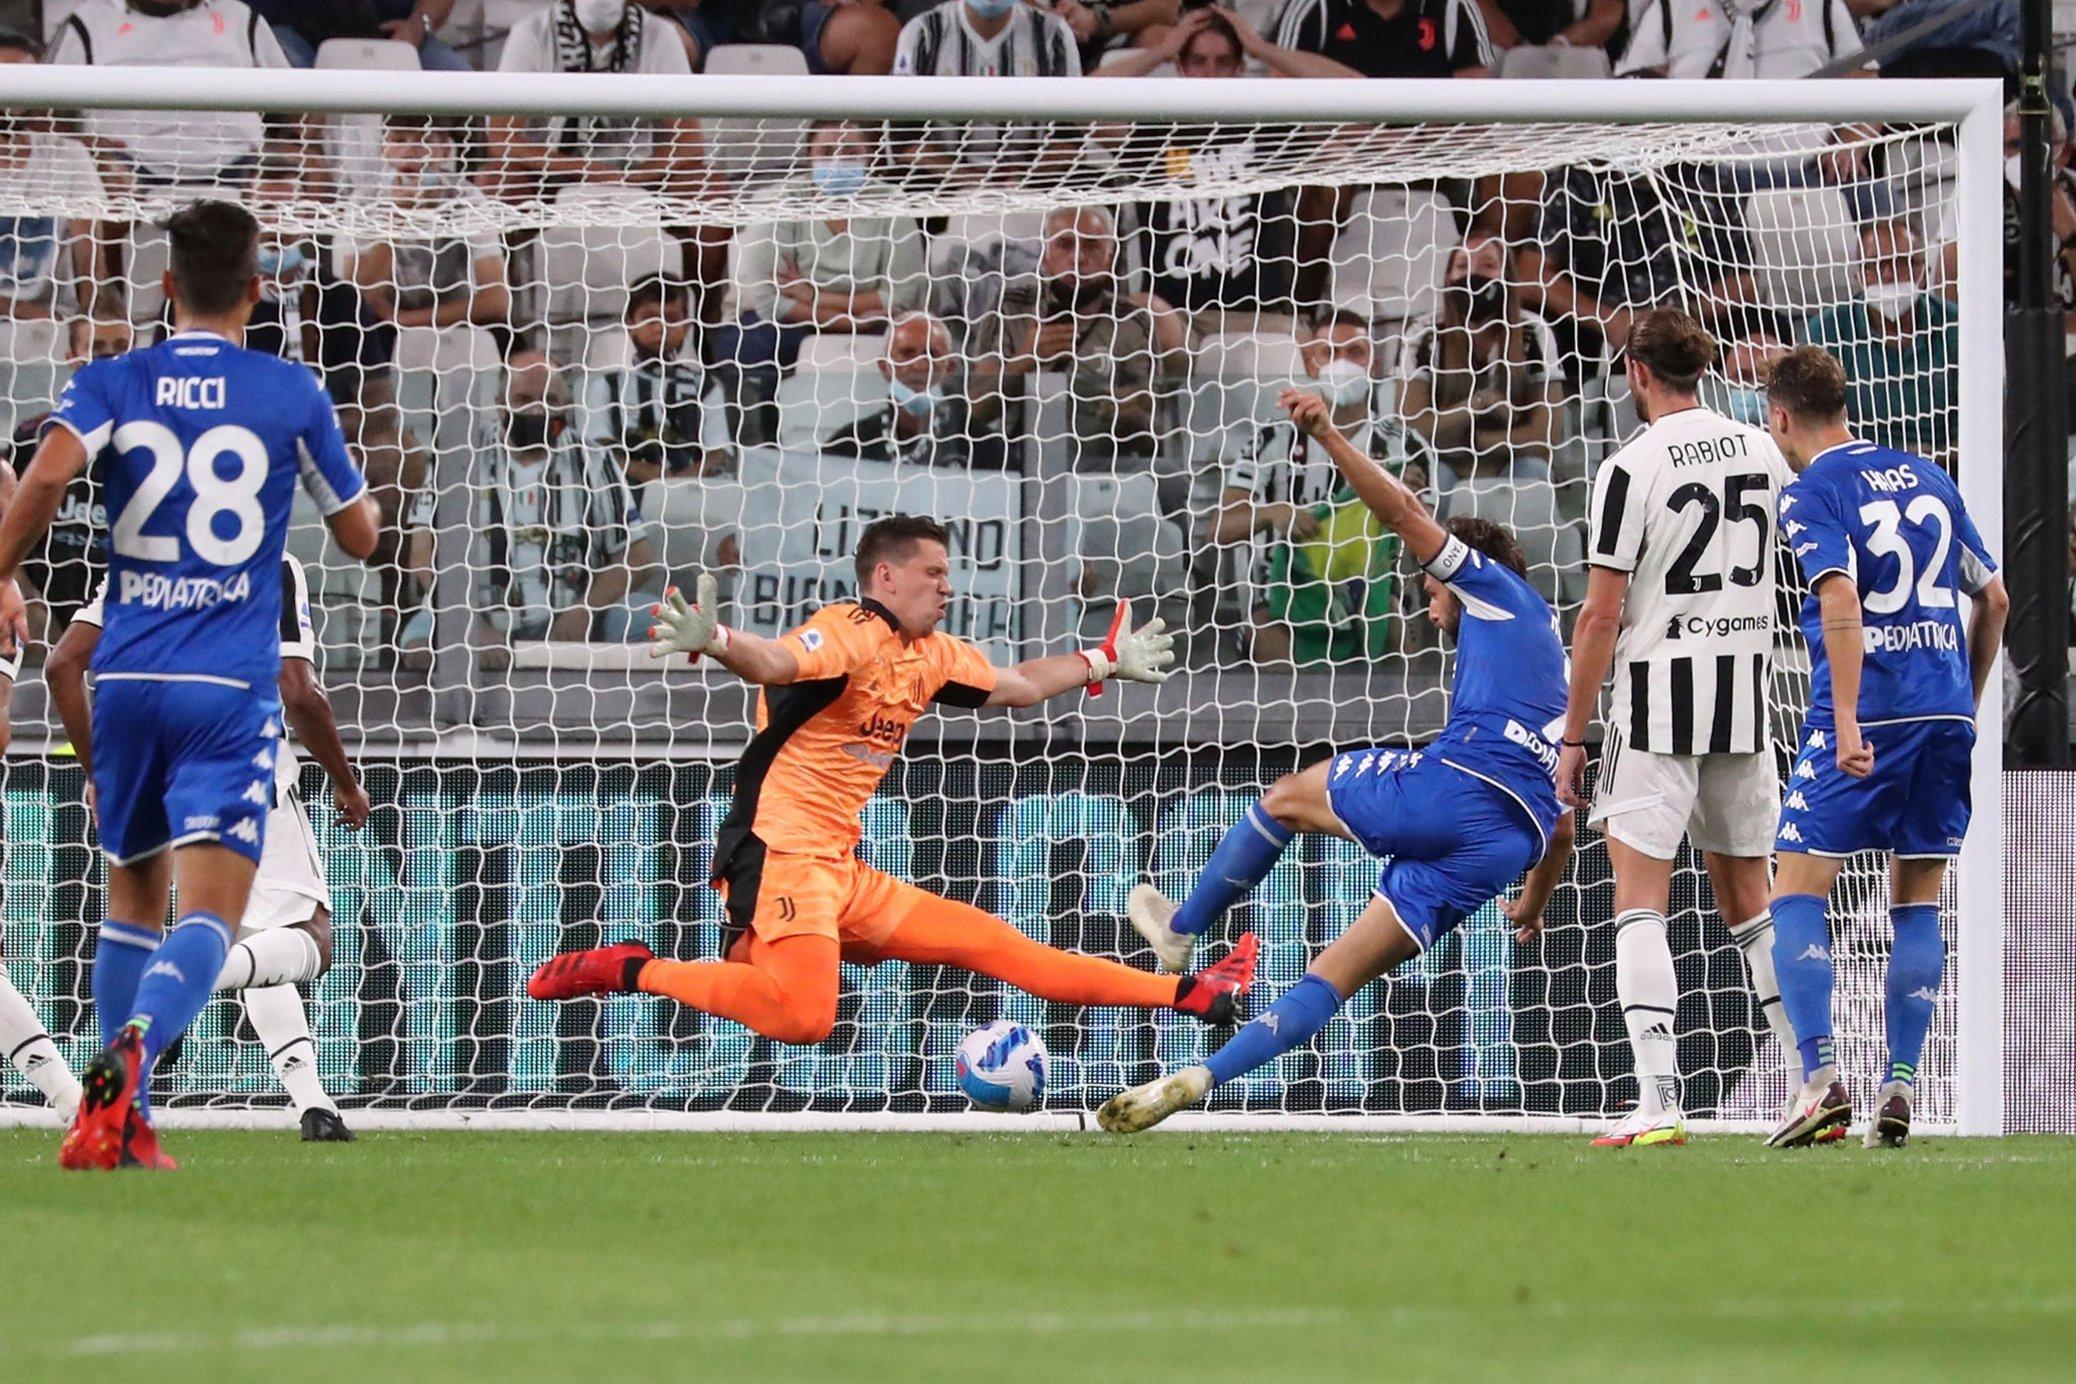 مباراة يوفنتوس وإمبولي في الدوري الإيطالي